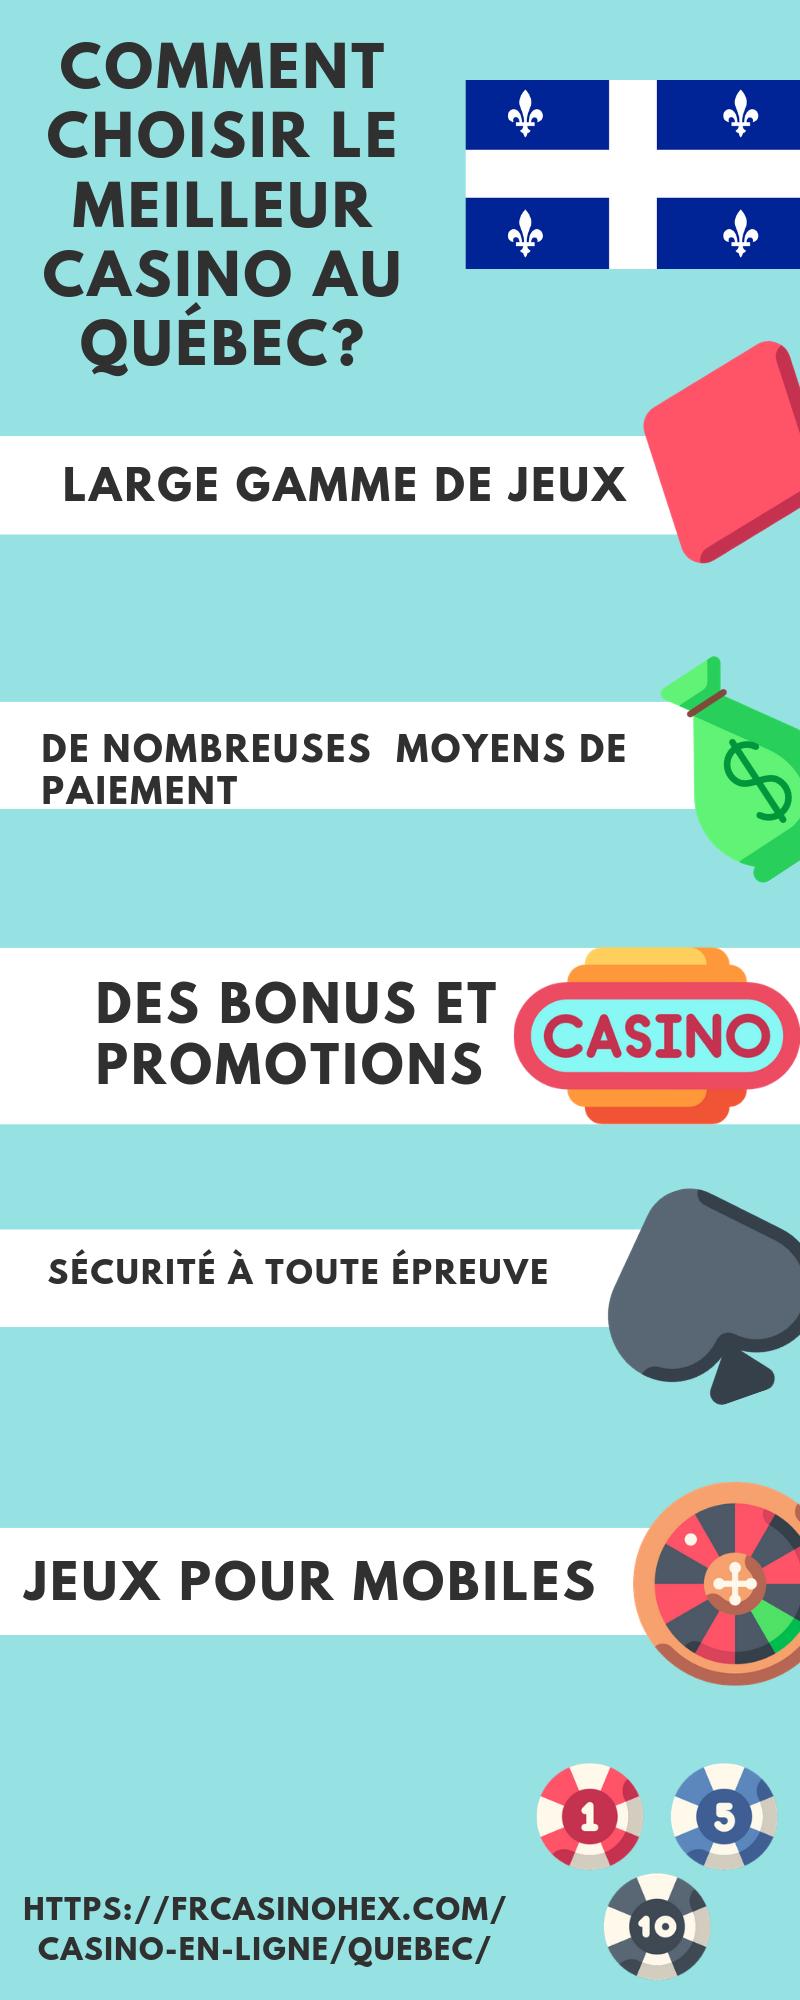 Comment choisir le meilleur casino en ligne au Québec?